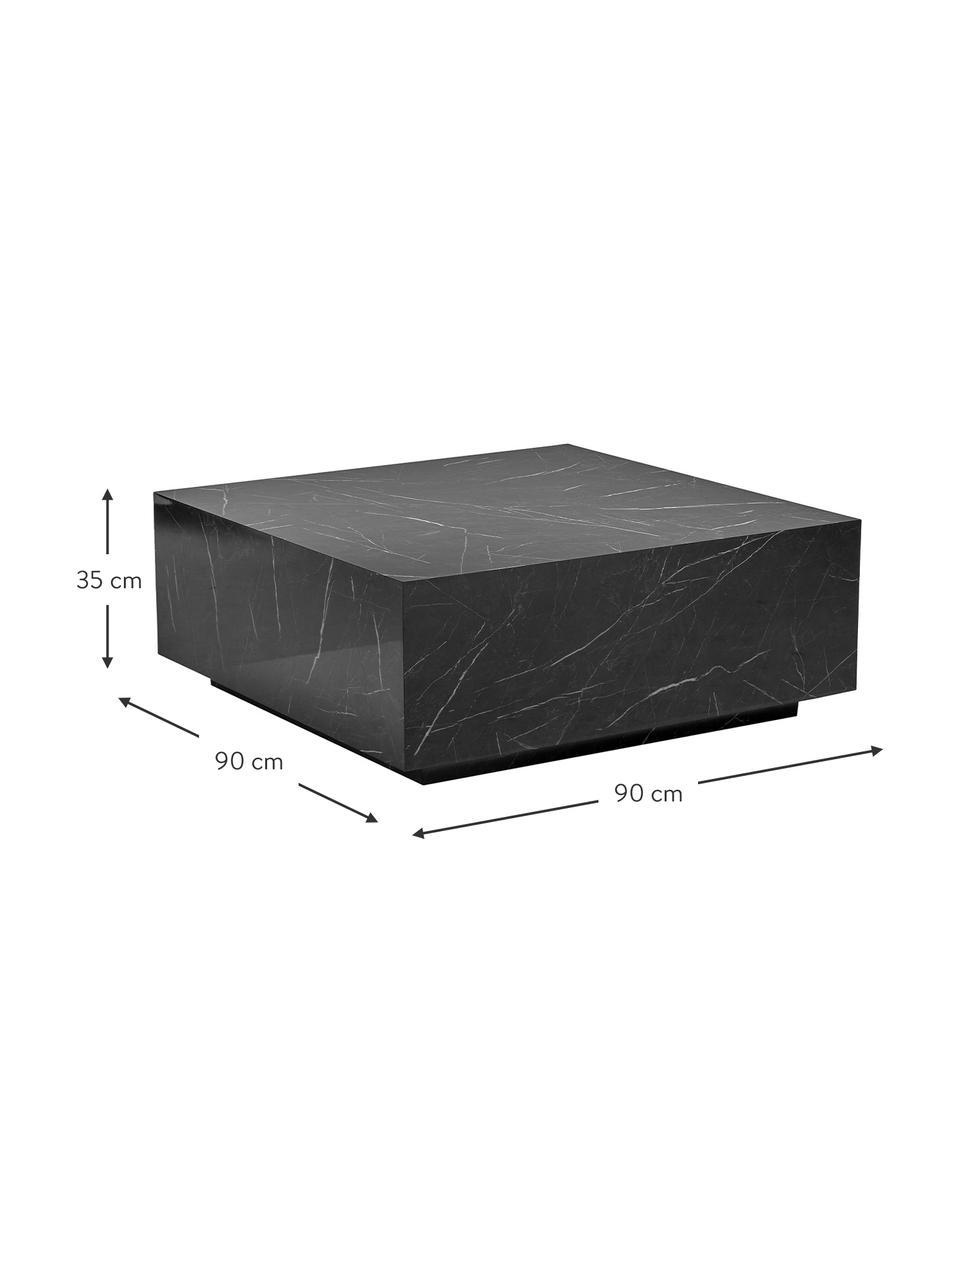 Konferenční stolek smramorováním Lesley, Mramorovaná černá